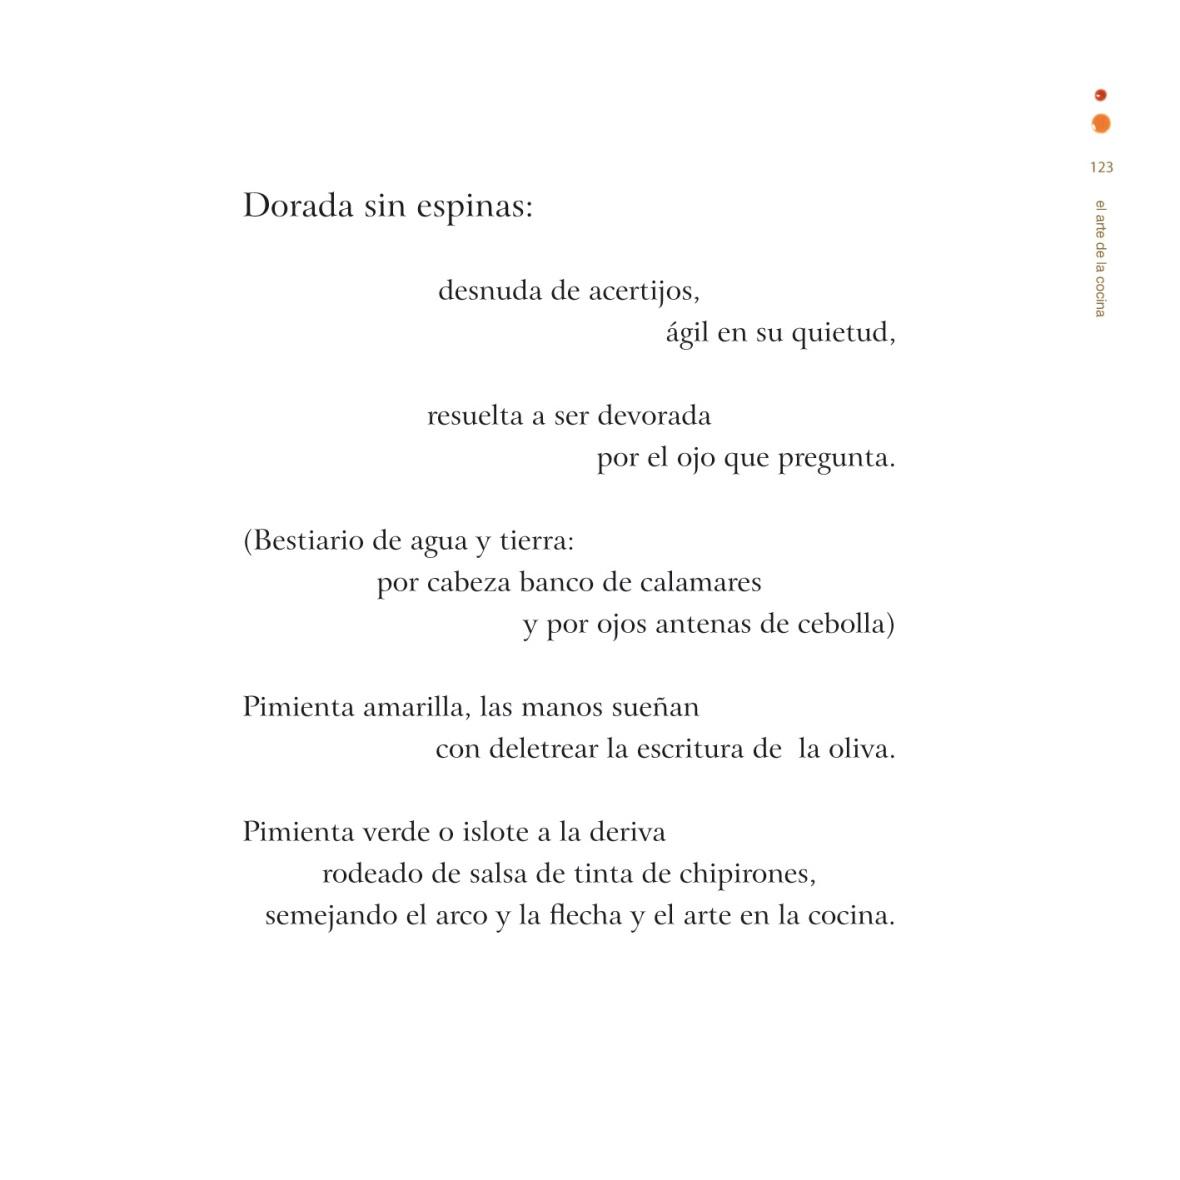 el arte de la cocina_123 copy